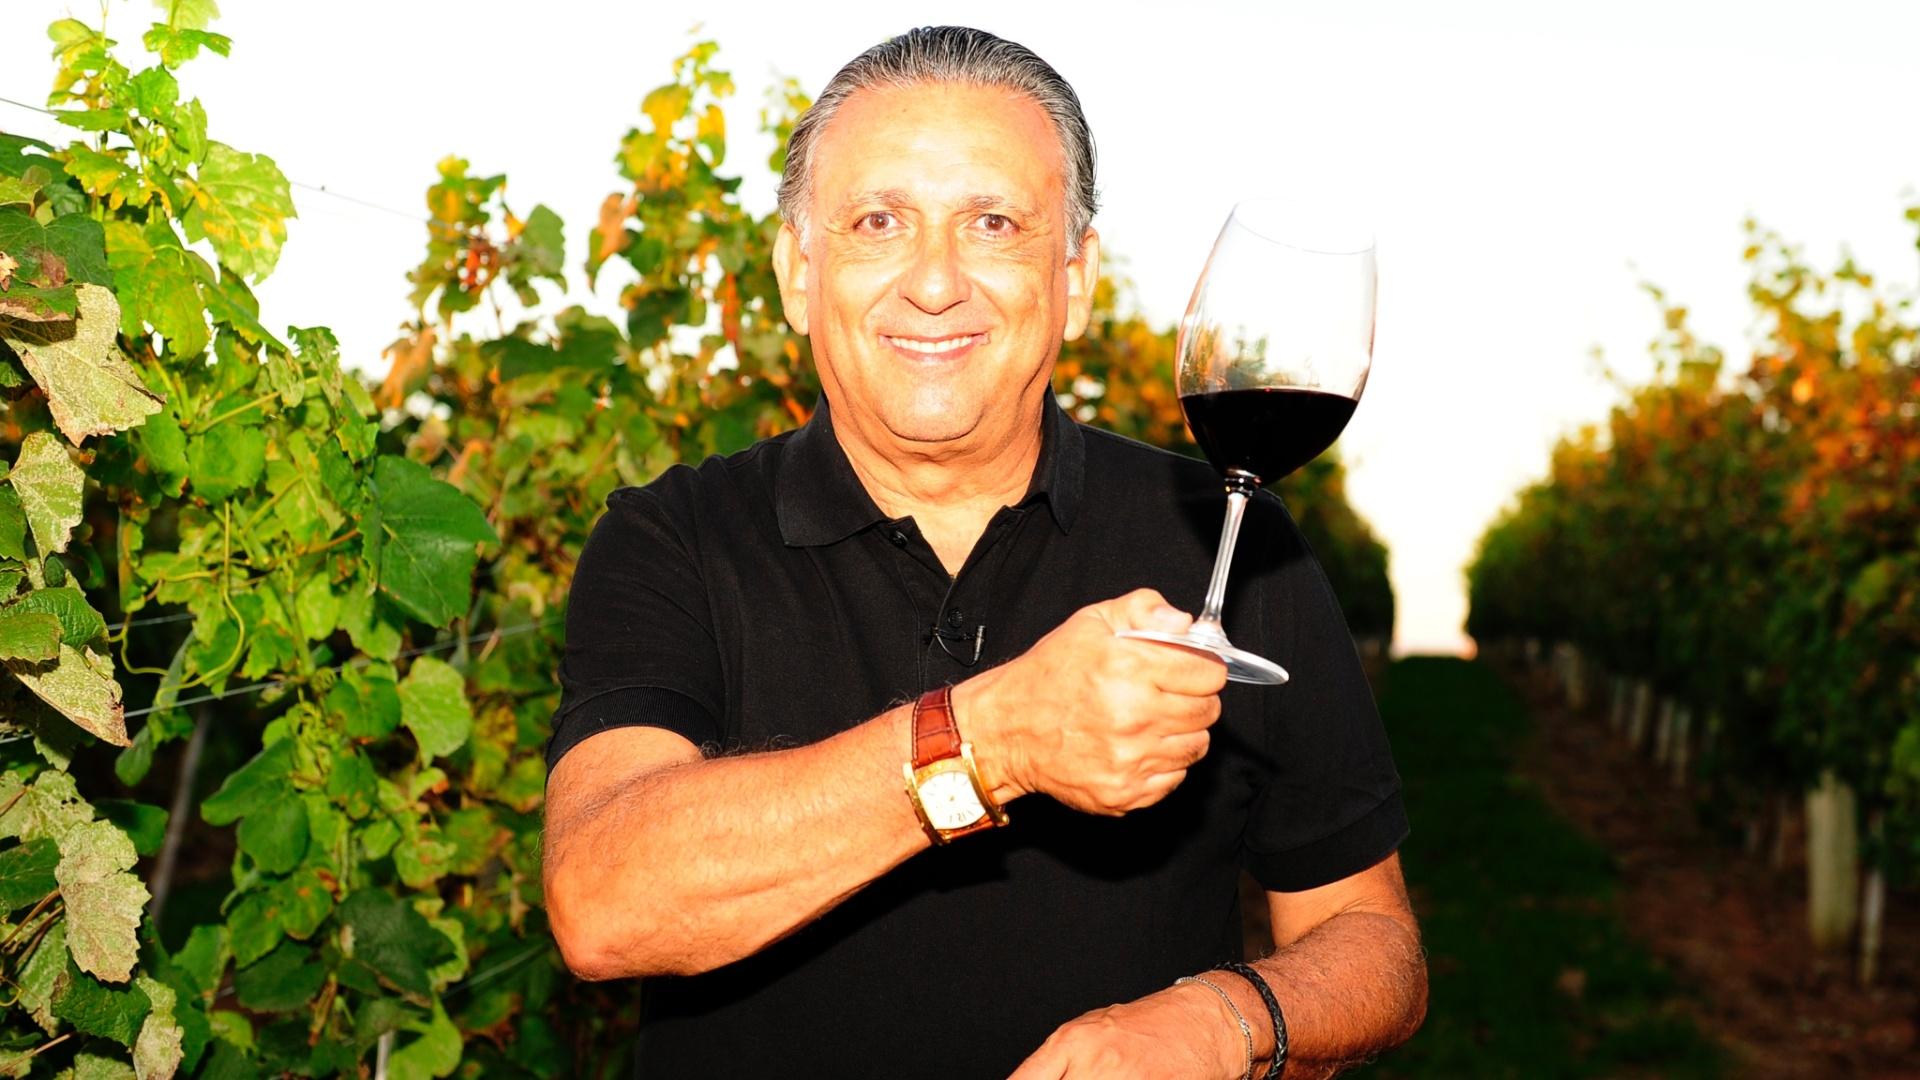 O apresentador é considerado uma espécie de garoto propaganda das vinícolas da região. Ele pretende abrir a propriedade para visitas no futuro